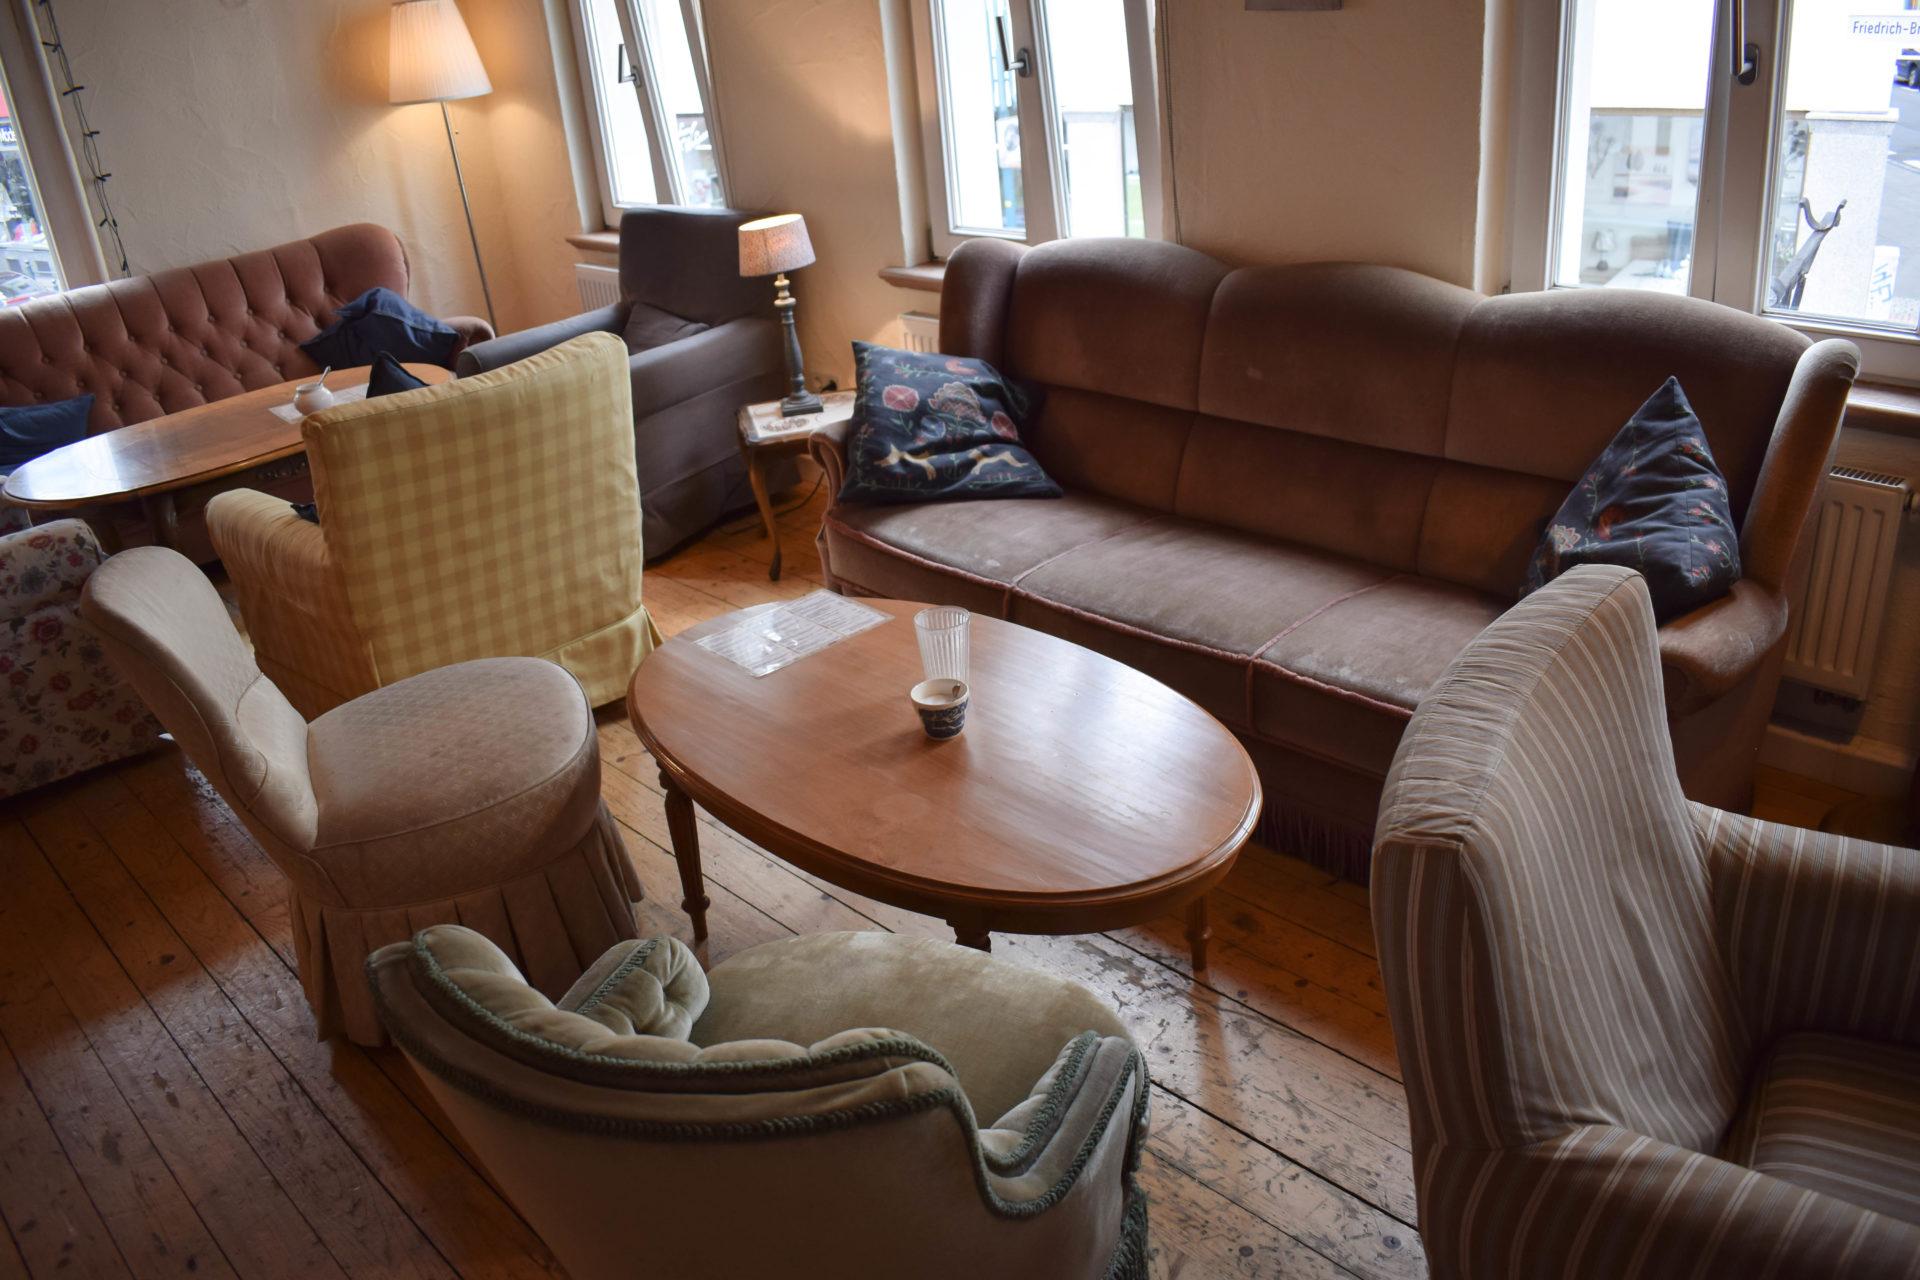 Mayras Wohnzimmer Cafe-8 ⋆ Julias Torten und Törtchen